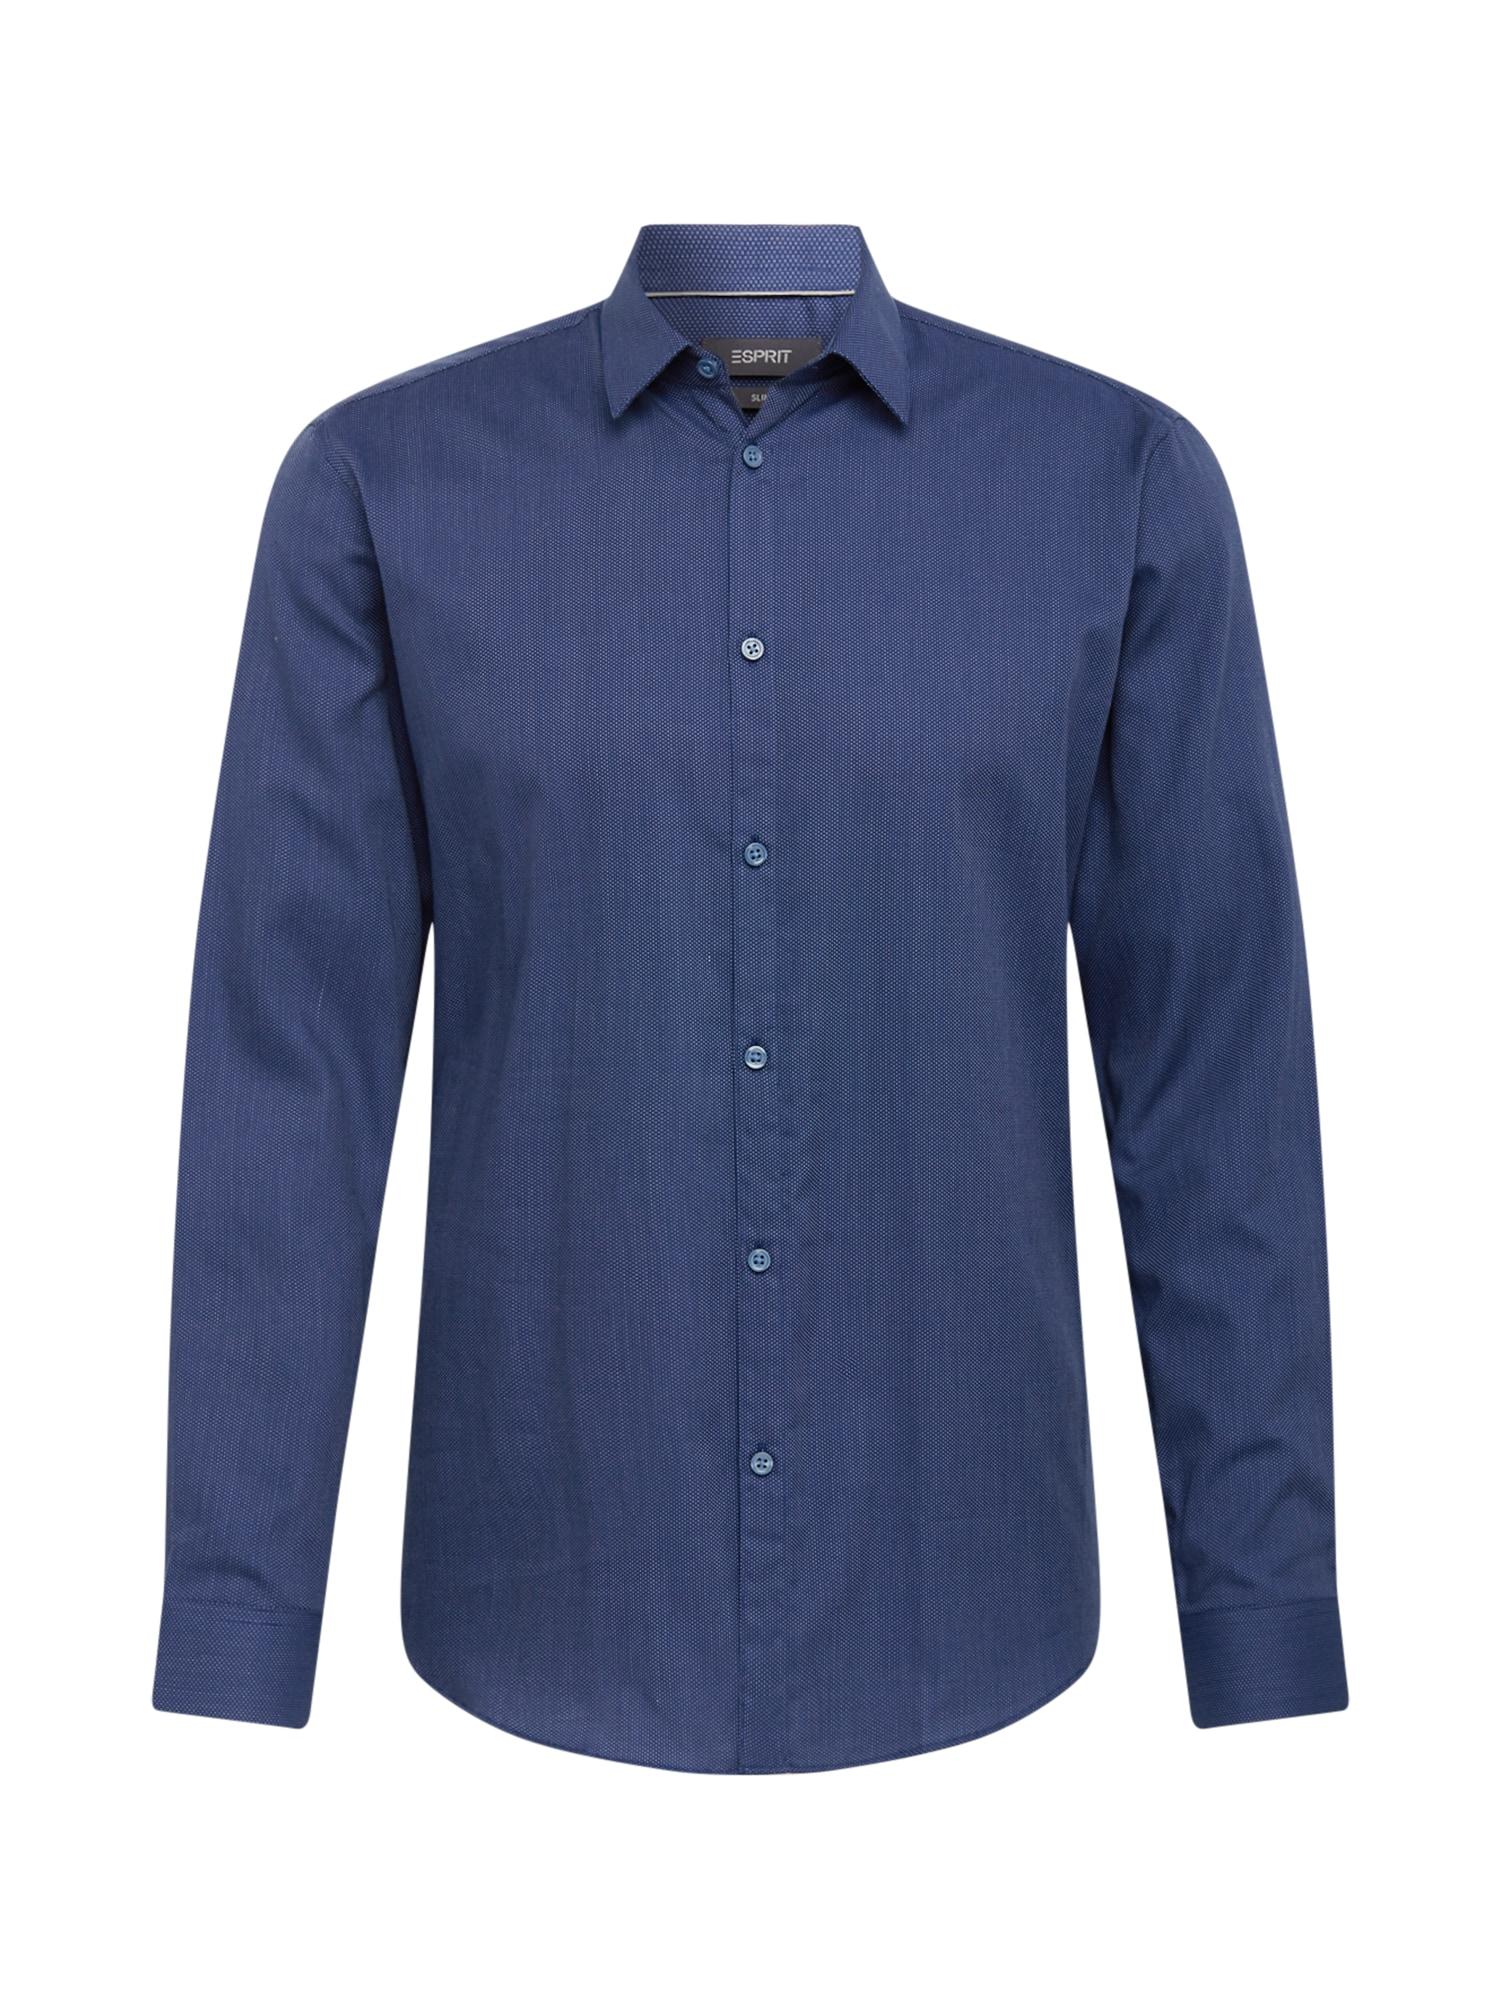 Esprit Collection Marškiniai tamsiai mėlyna